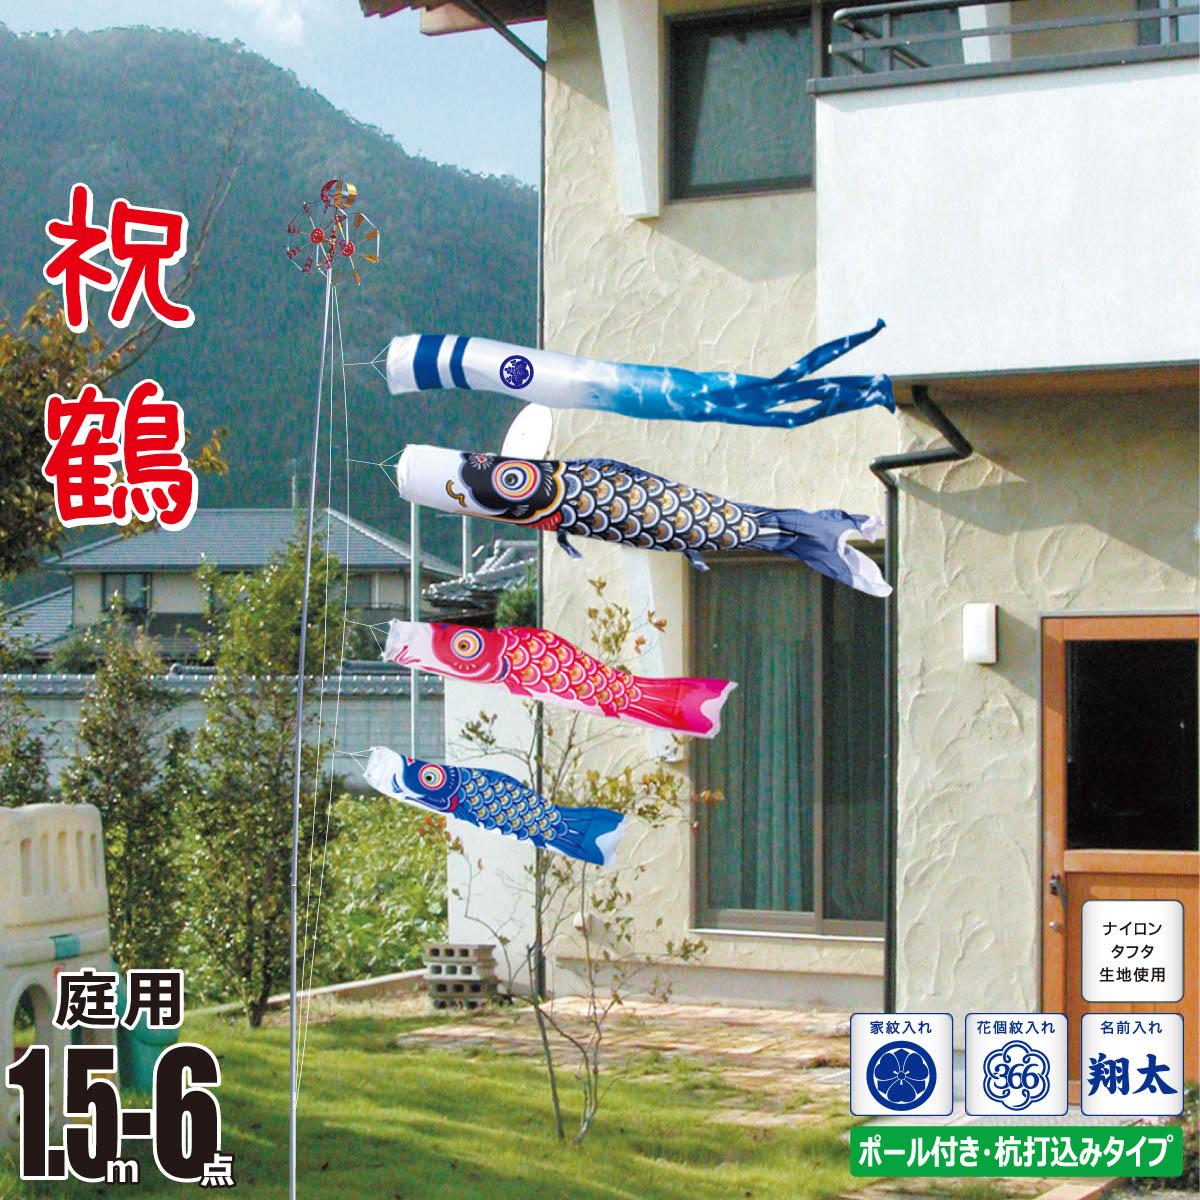 こいのぼり 1.5m 祝鶴 6点 (矢車、ロープ、吹流し、鯉3匹) 庭園用 ガーデンセット (専用ポール一式) 徳永鯉のぼり KIT-402-124-G